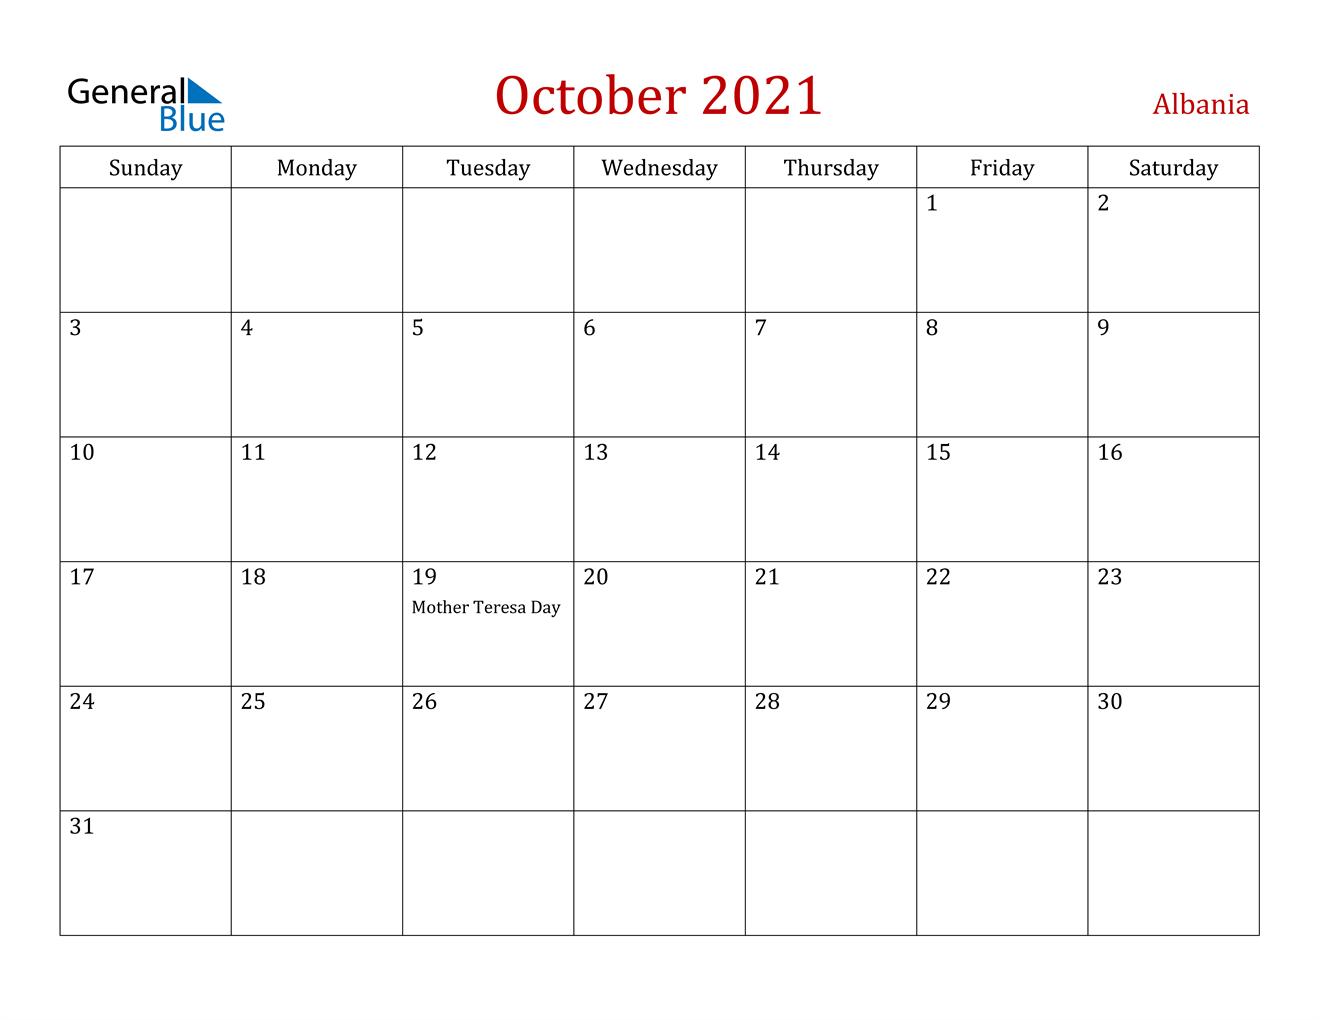 October 2021 Calendar - Albania